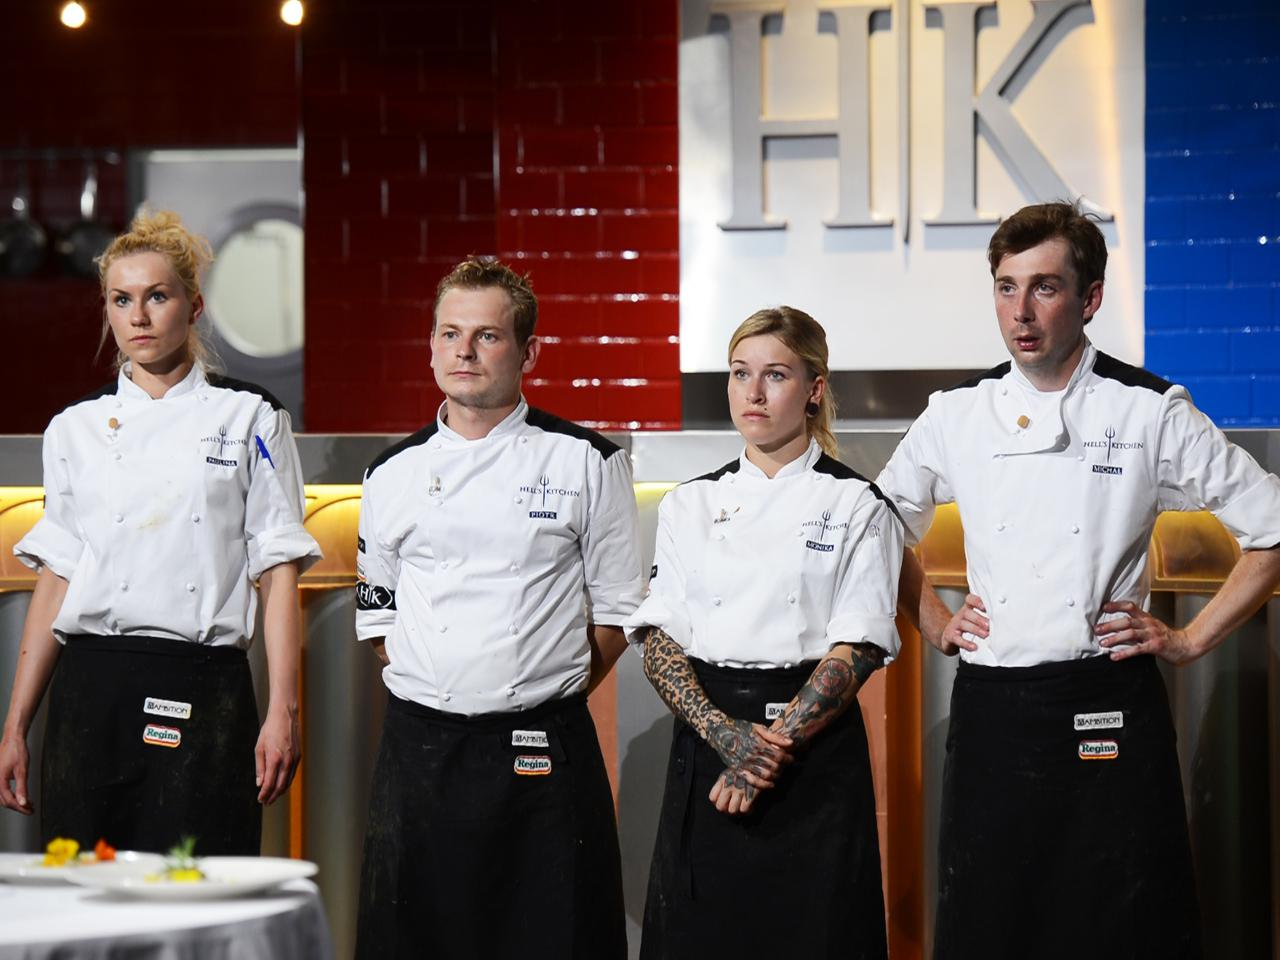 Hell S Kitchen 2 Odcinek 10 Final Monika Dabrowska Zwyciezca Piekielnej Kuchni 2 Zapis Relacji Na Zywo Na Se Pl Super Express Wiadomosci Polityka Sport